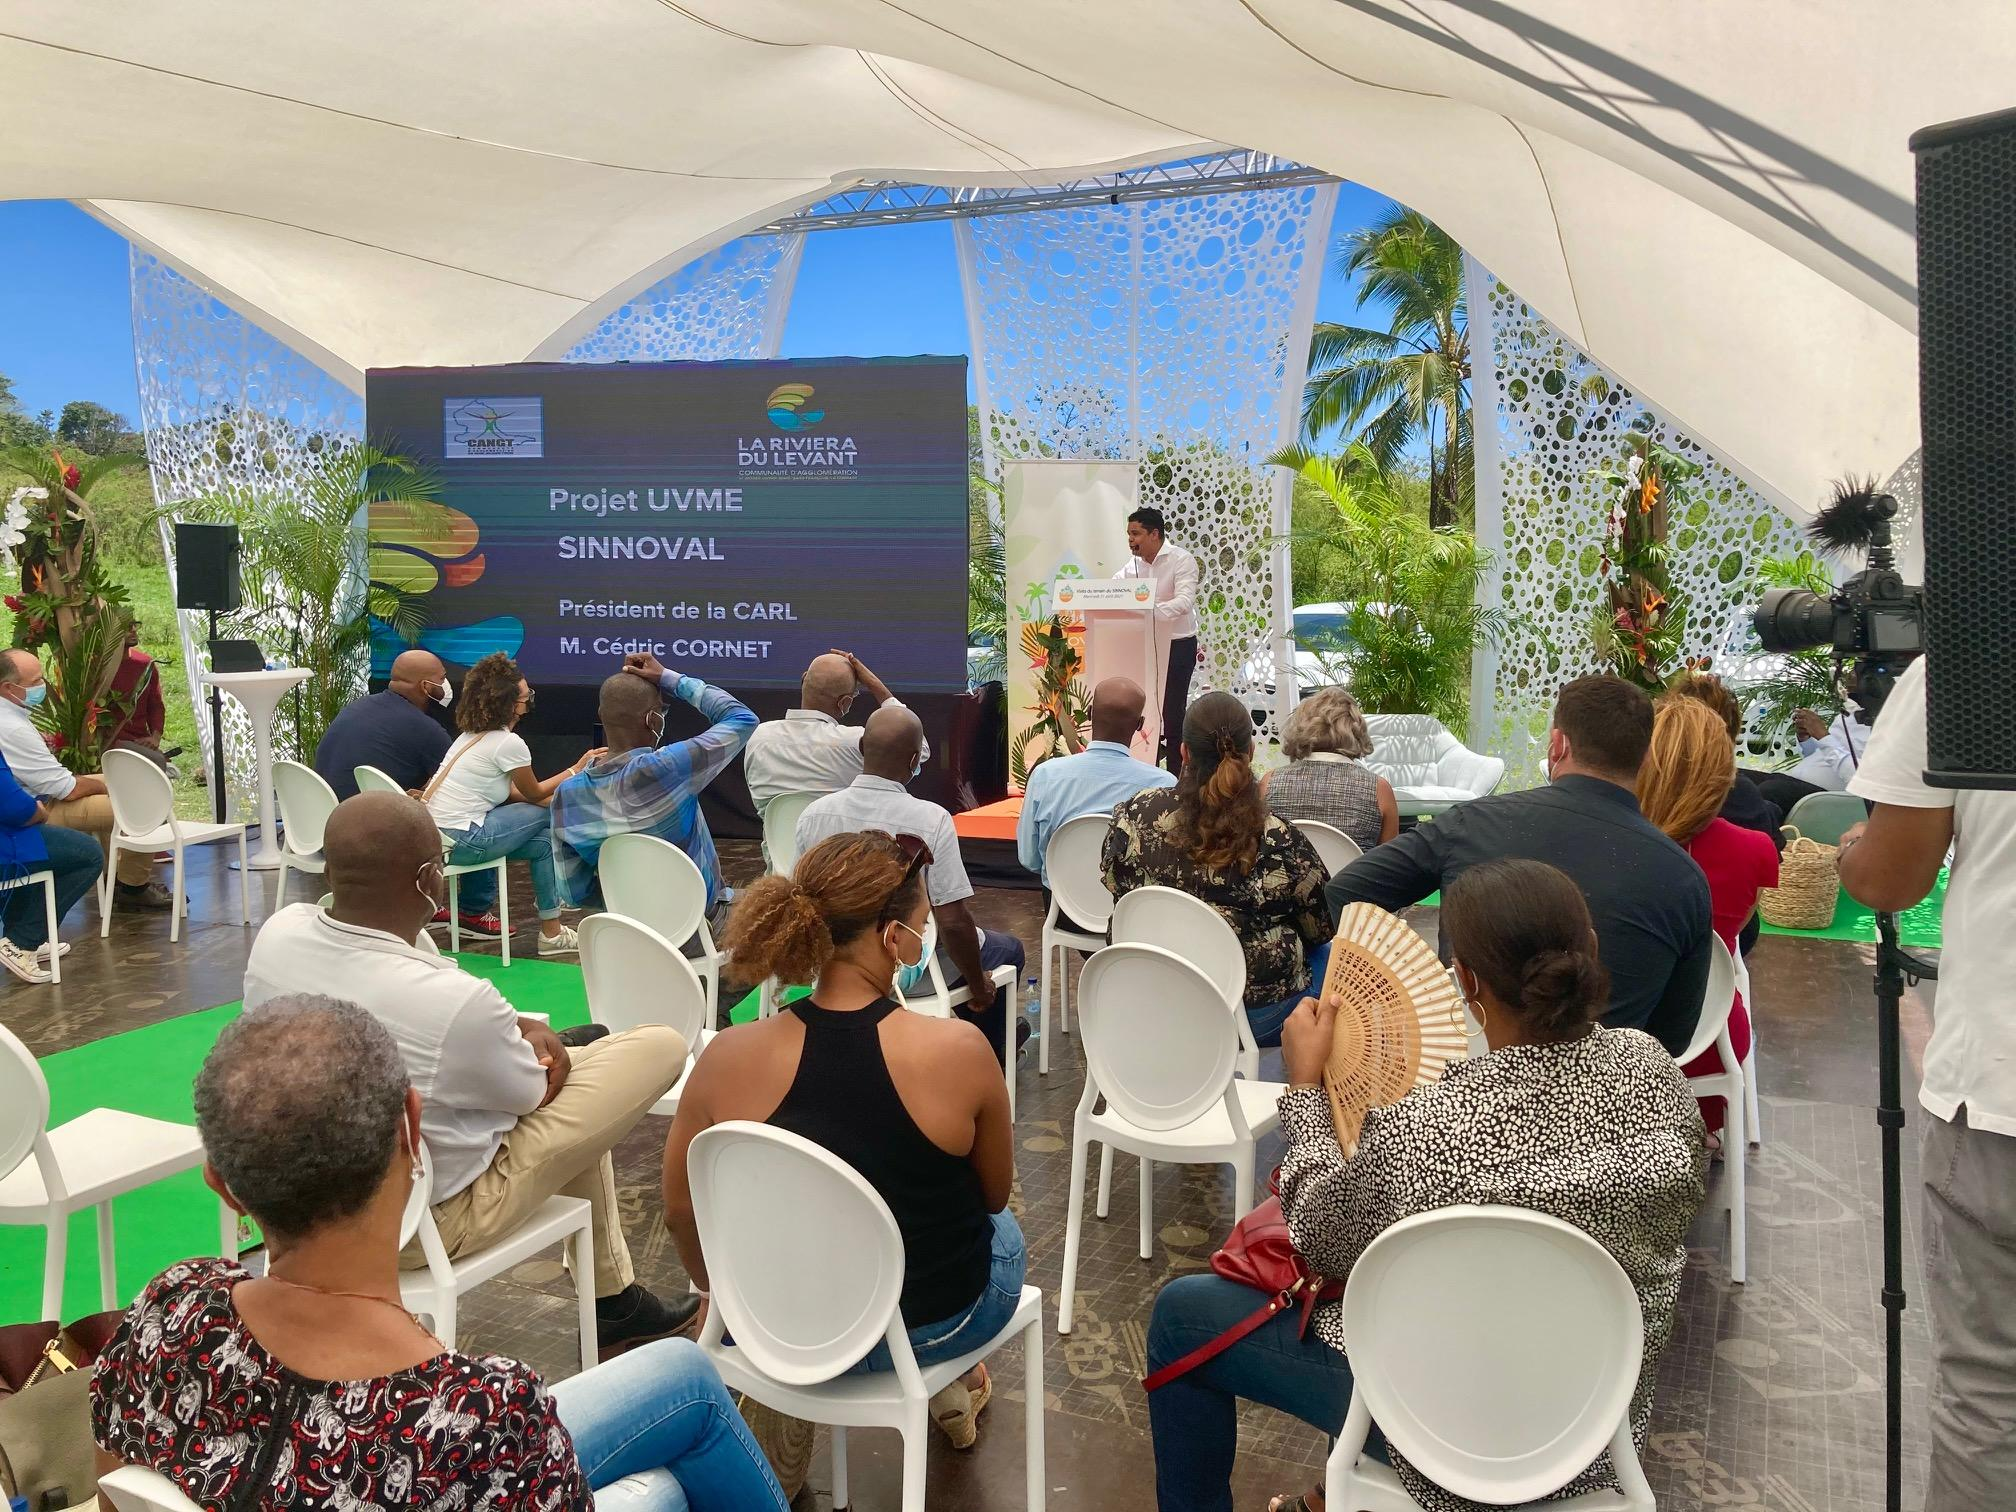 Environnement : La CARL et La CANGT actent la création de la première usine de valorisation de déchets de Guadeloupe